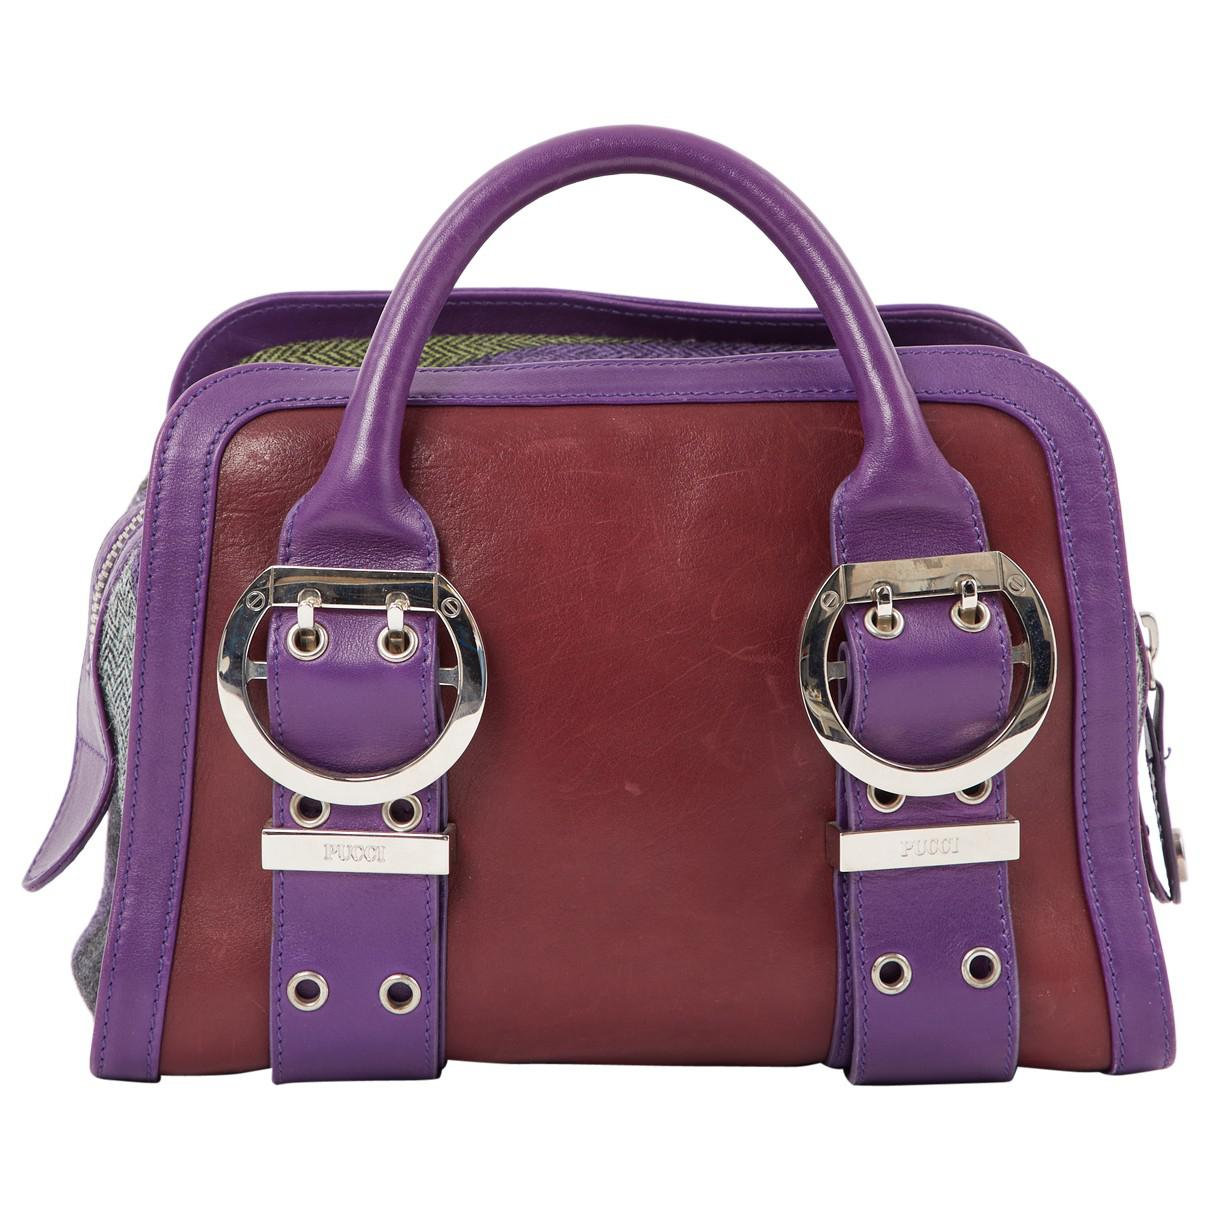 Pre-owned - Bag Emilio Pucci pyLFto